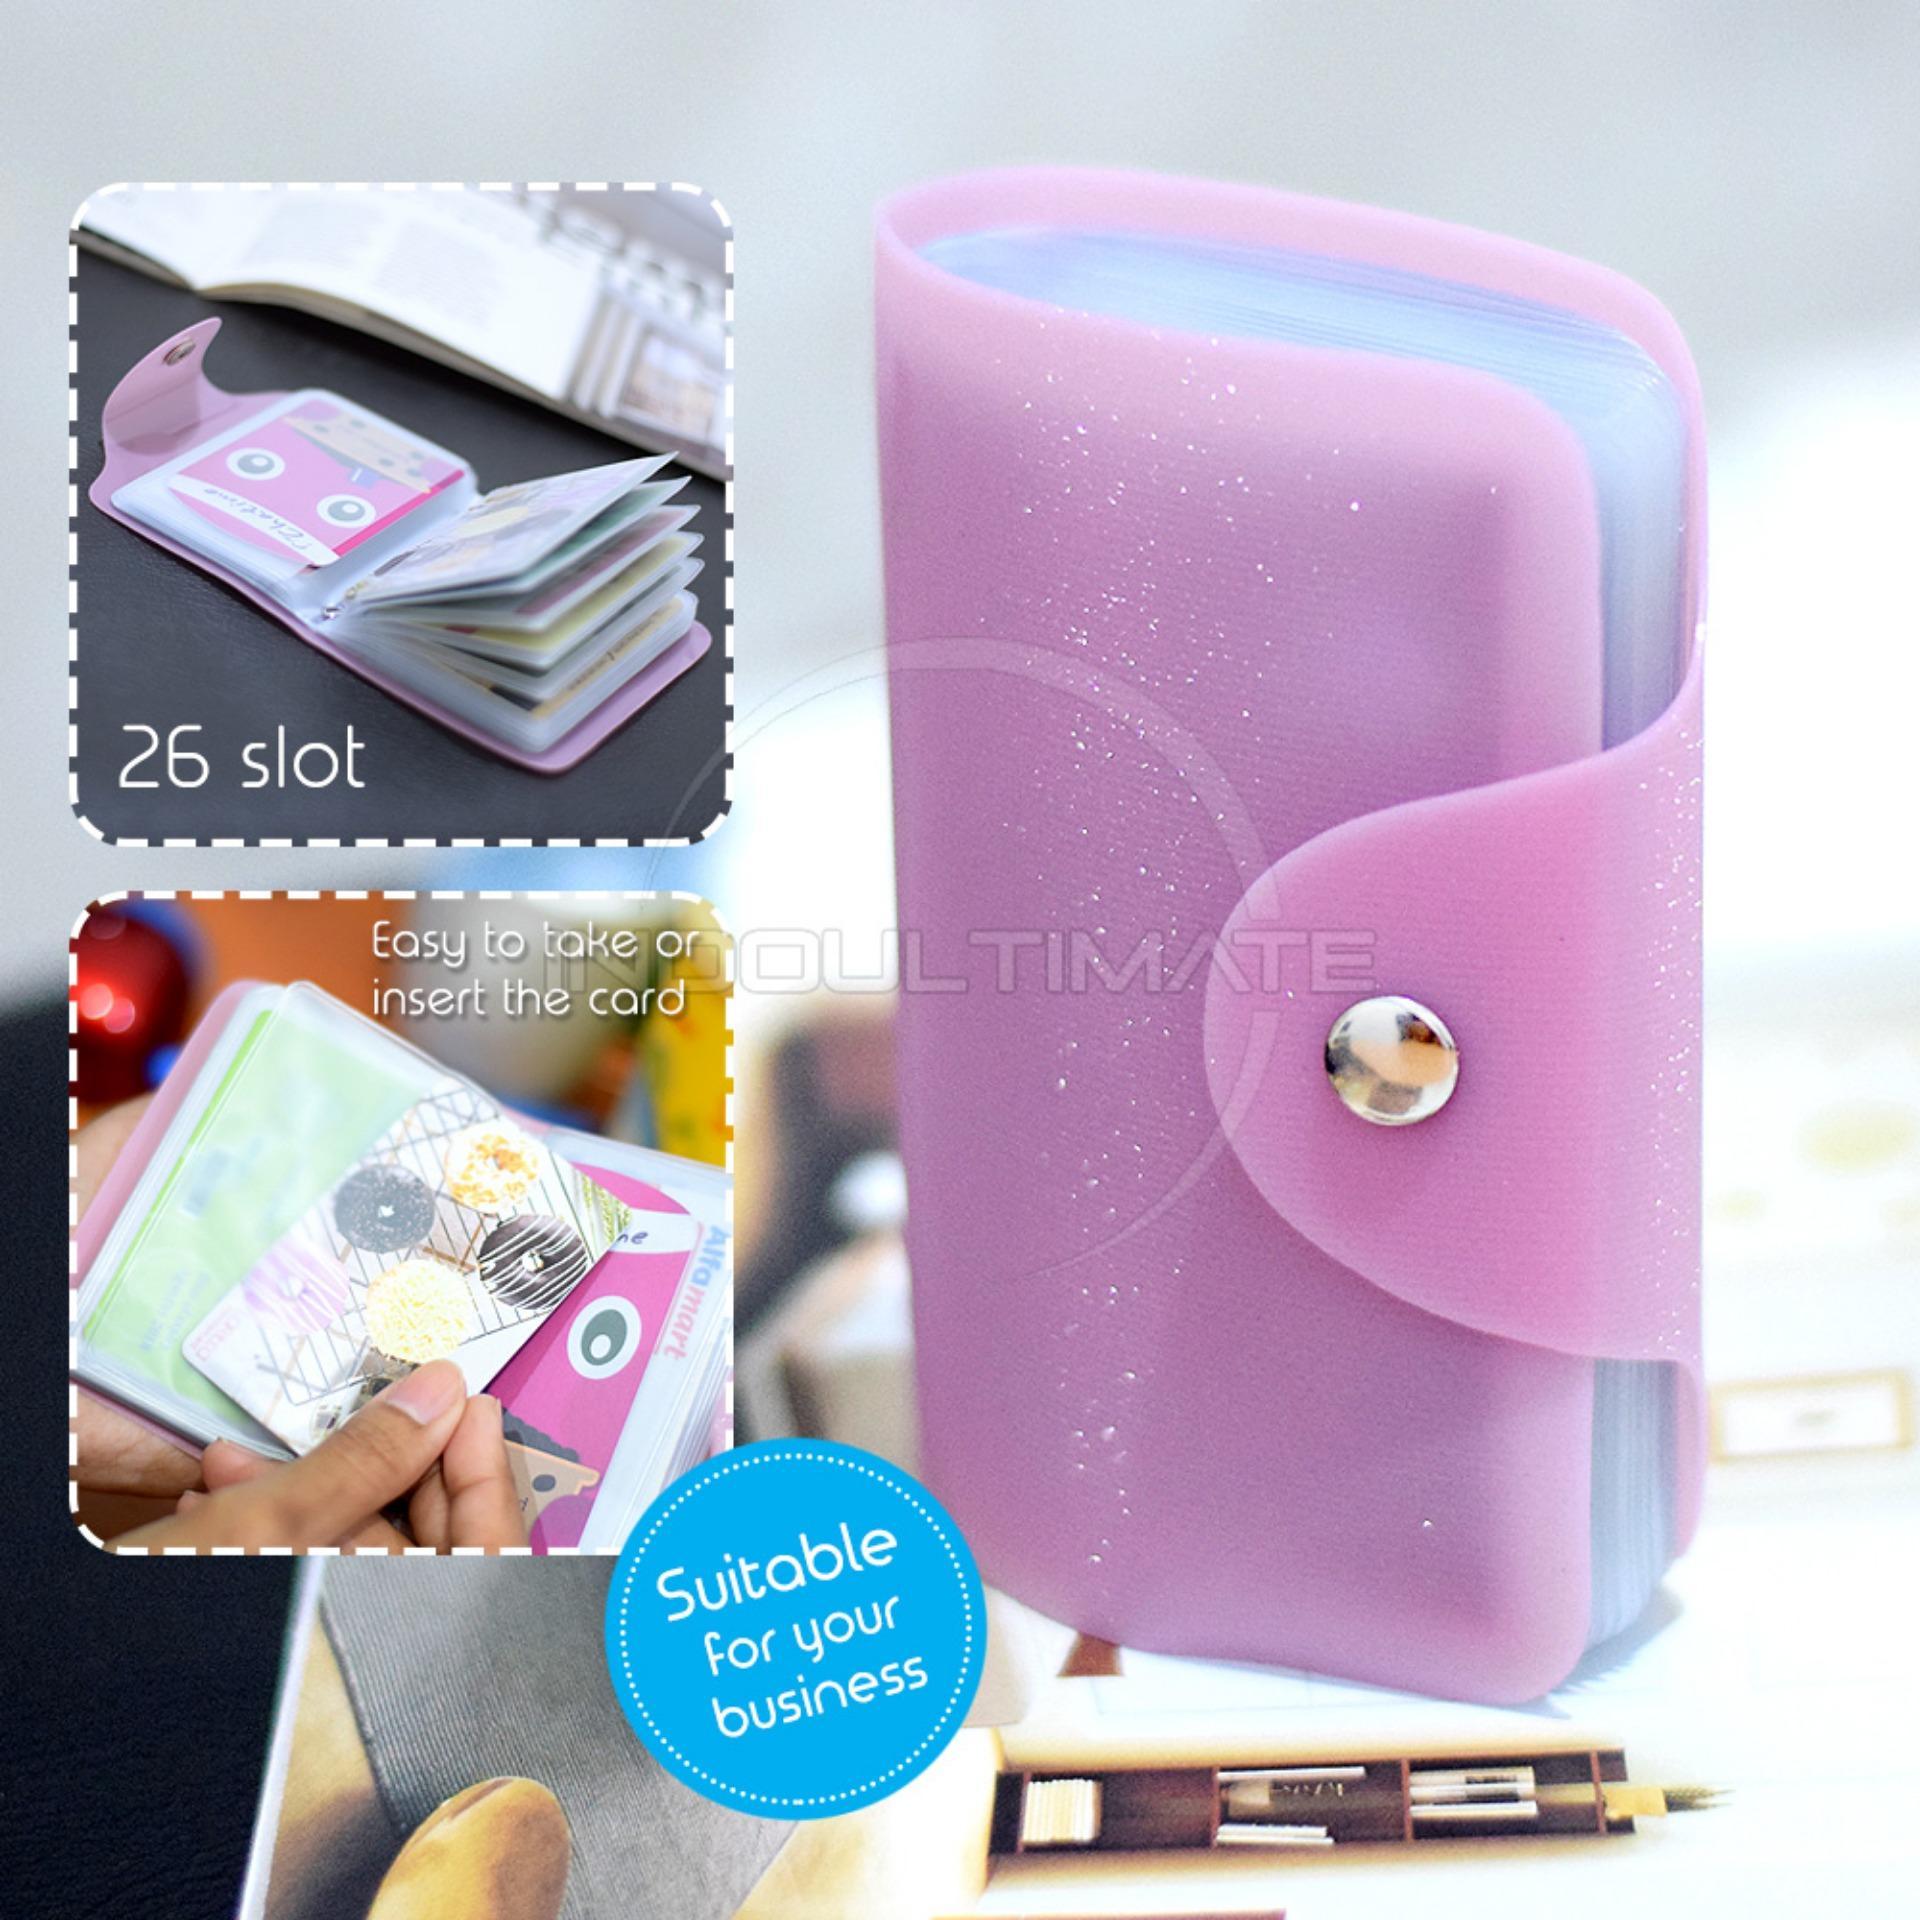 PREMIUM Korean Card Wallet 26 Slot /Dompet Kartu ATM/credit card OR 92-01 BLINK - Pink